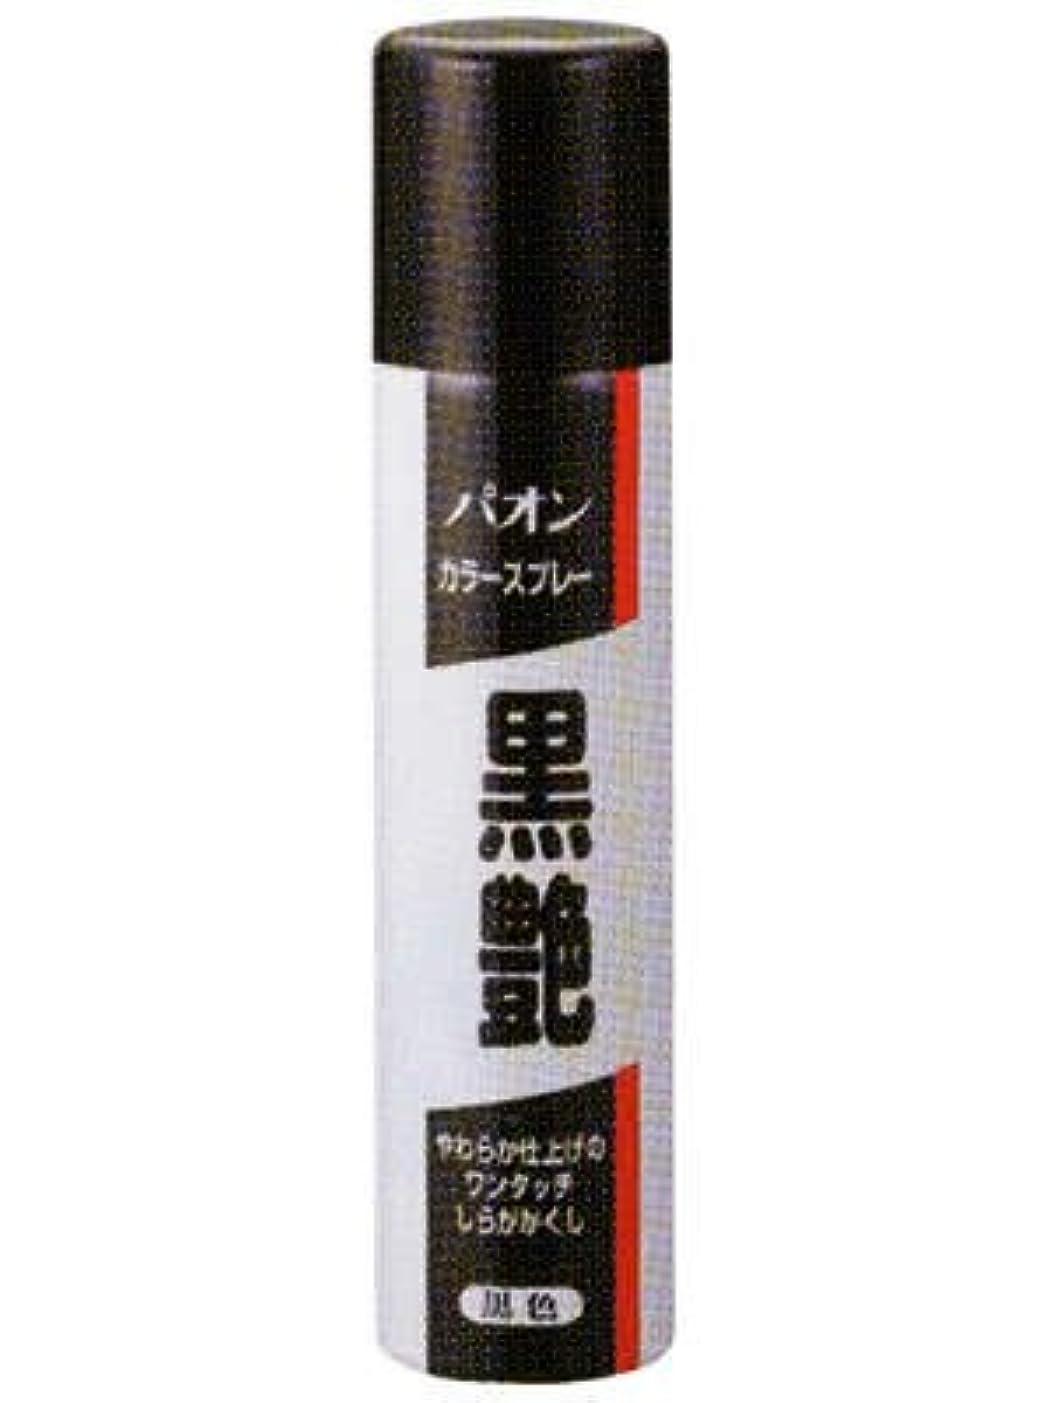 僕のマーケティング紀元前シュワルツコフヘンケル(カブ)パオンカラースプレー黒艶黒色60g(RC:1000611666)